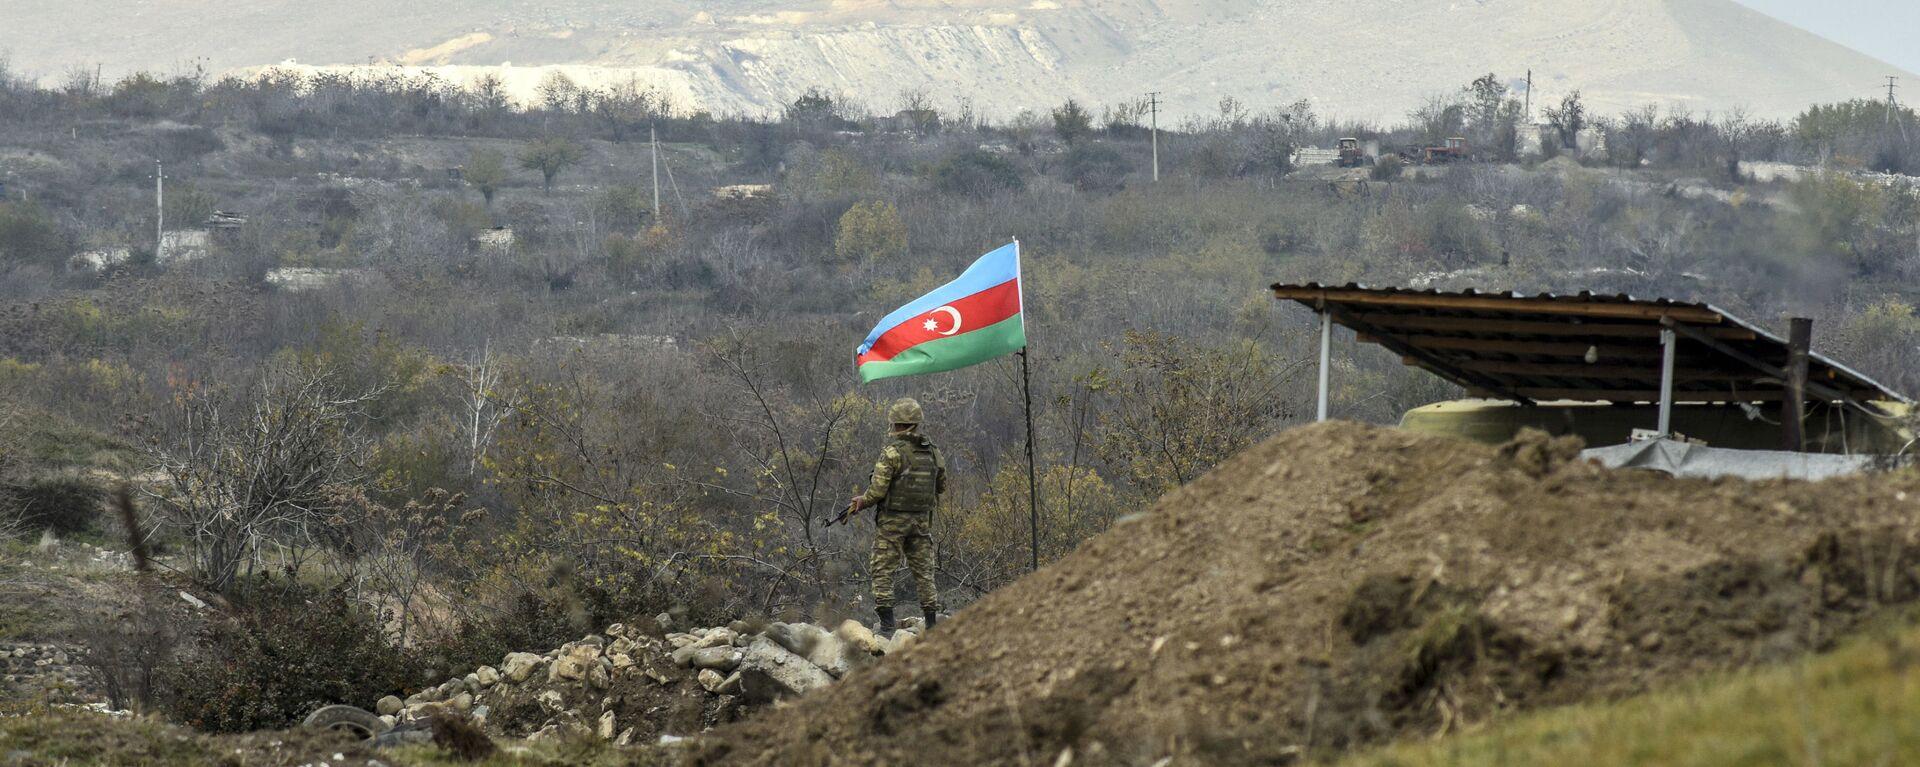 Азербайджанский военнослужащий, фото из архива - Sputnik Азербайджан, 1920, 31.03.2021